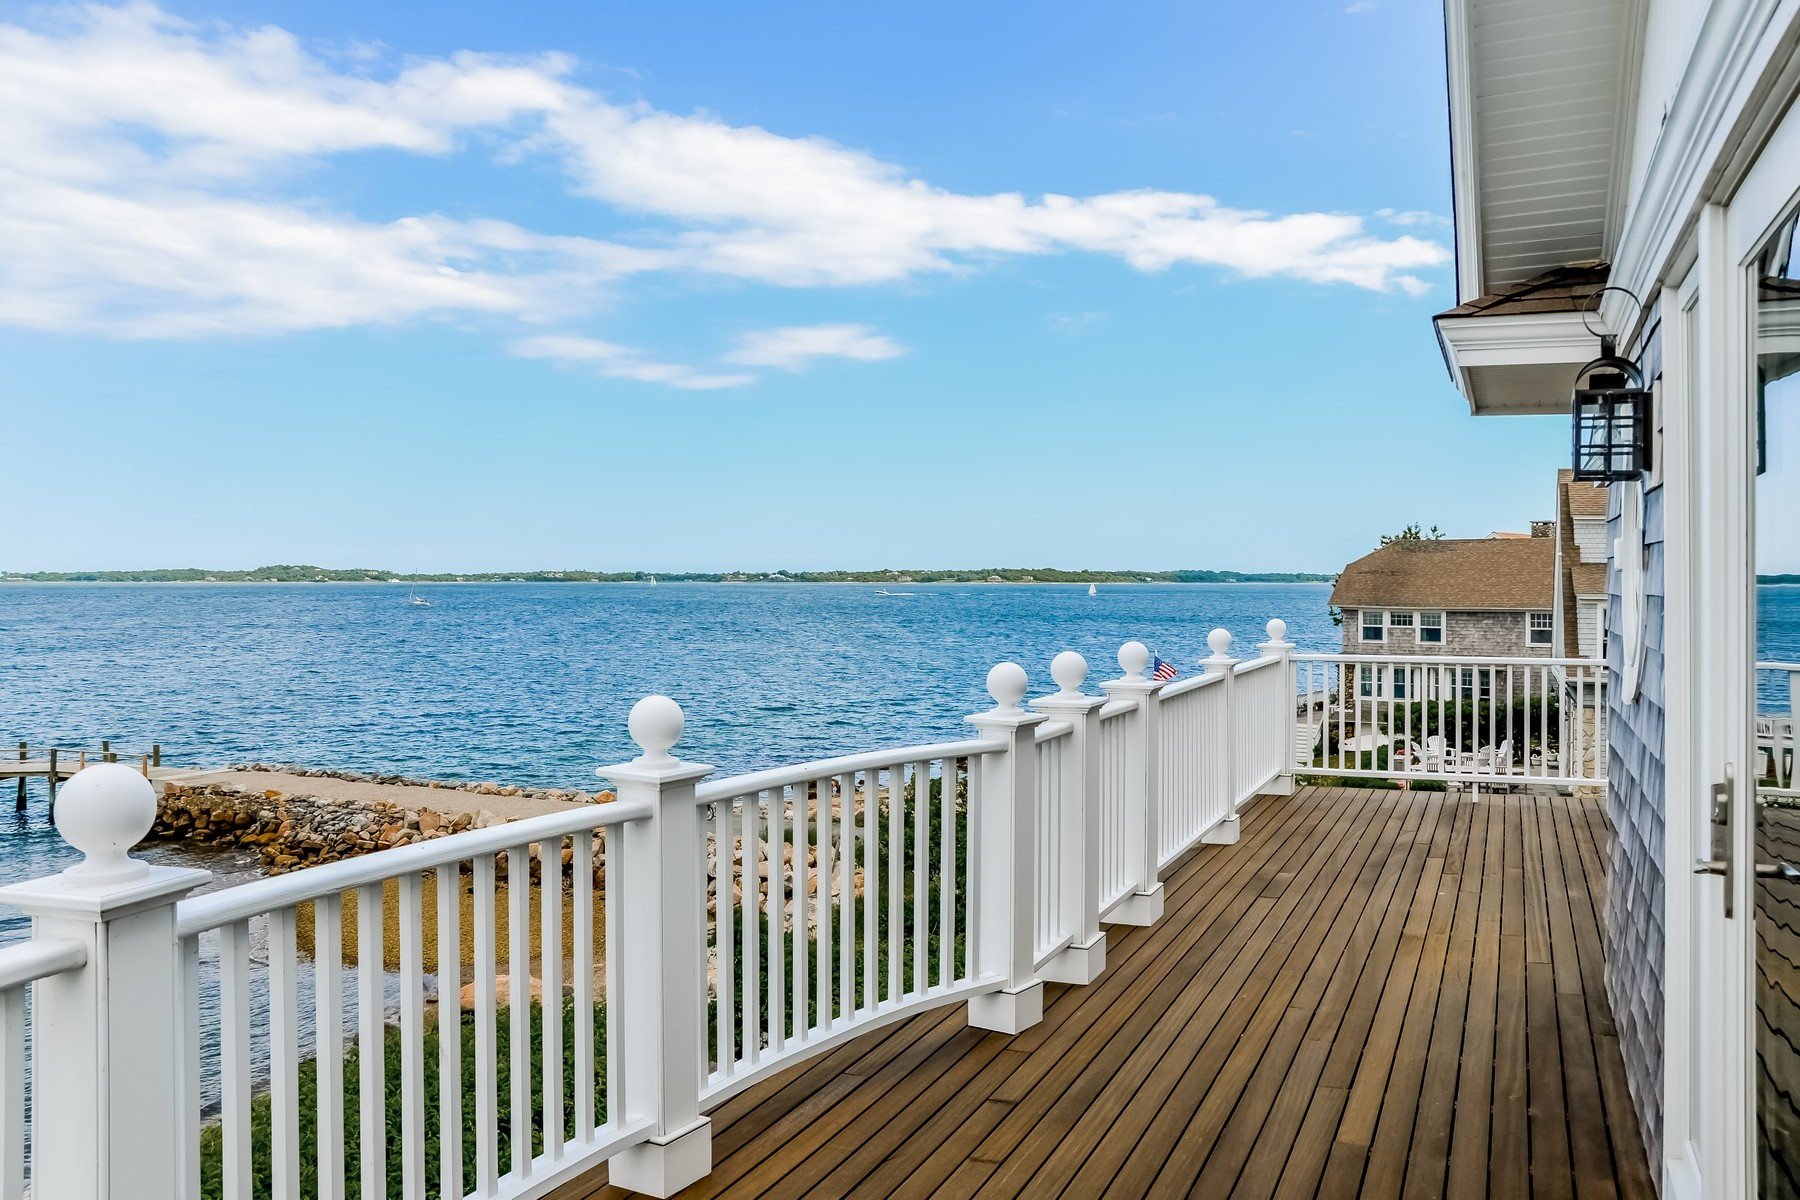 Casa Unifamiliar por un Venta en Breathtaking Water Views 159 South Shore Avenue Groton, Connecticut 06340 Estados Unidos